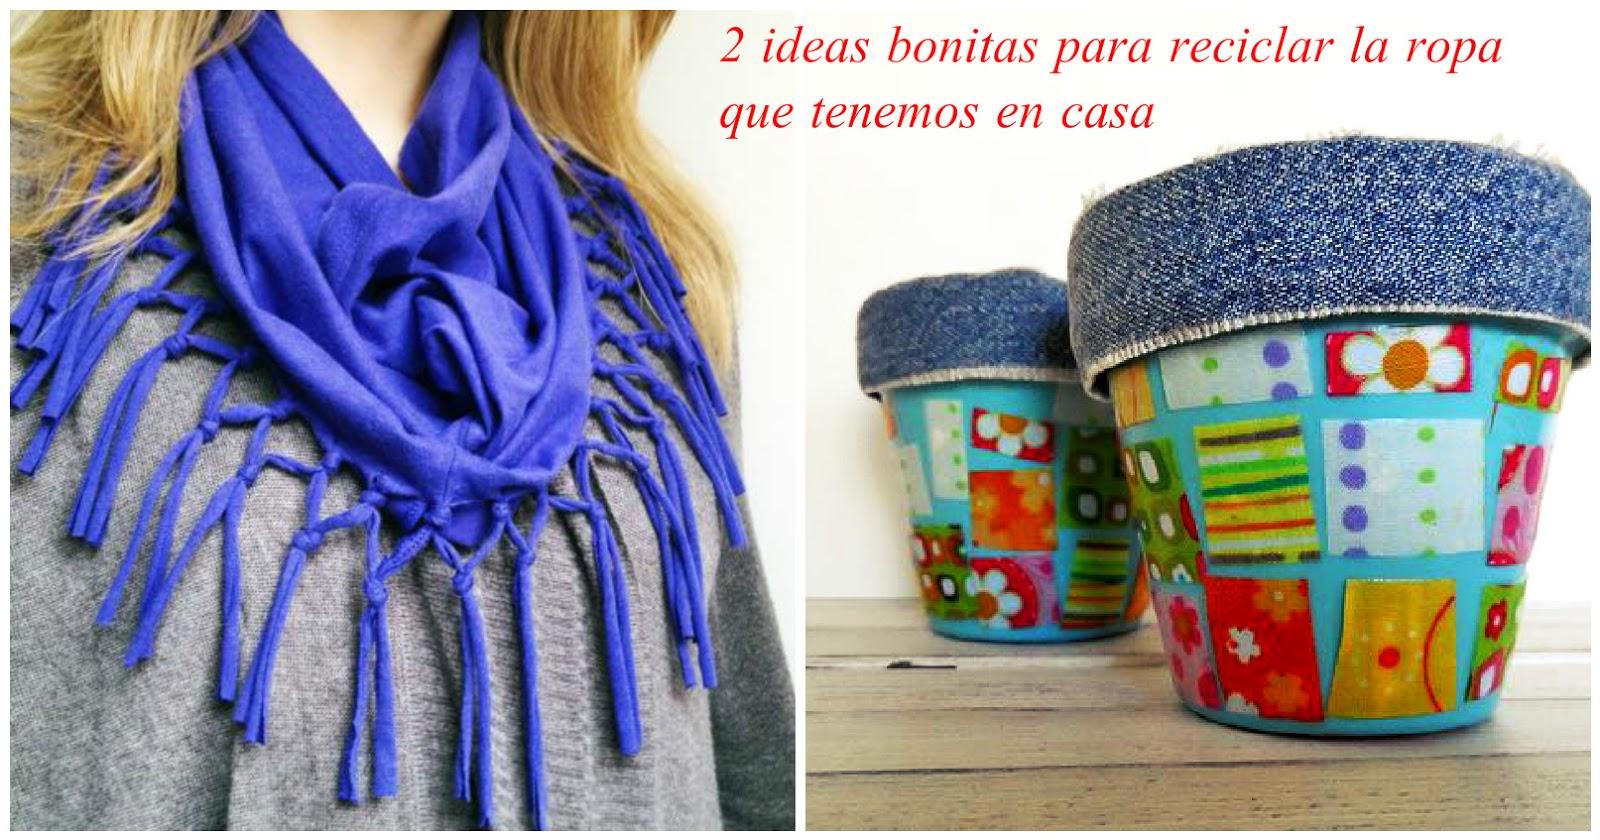 2 ideas bonitas para reciclar la ropa que tenemos en casa for Ideas para disenar ropa